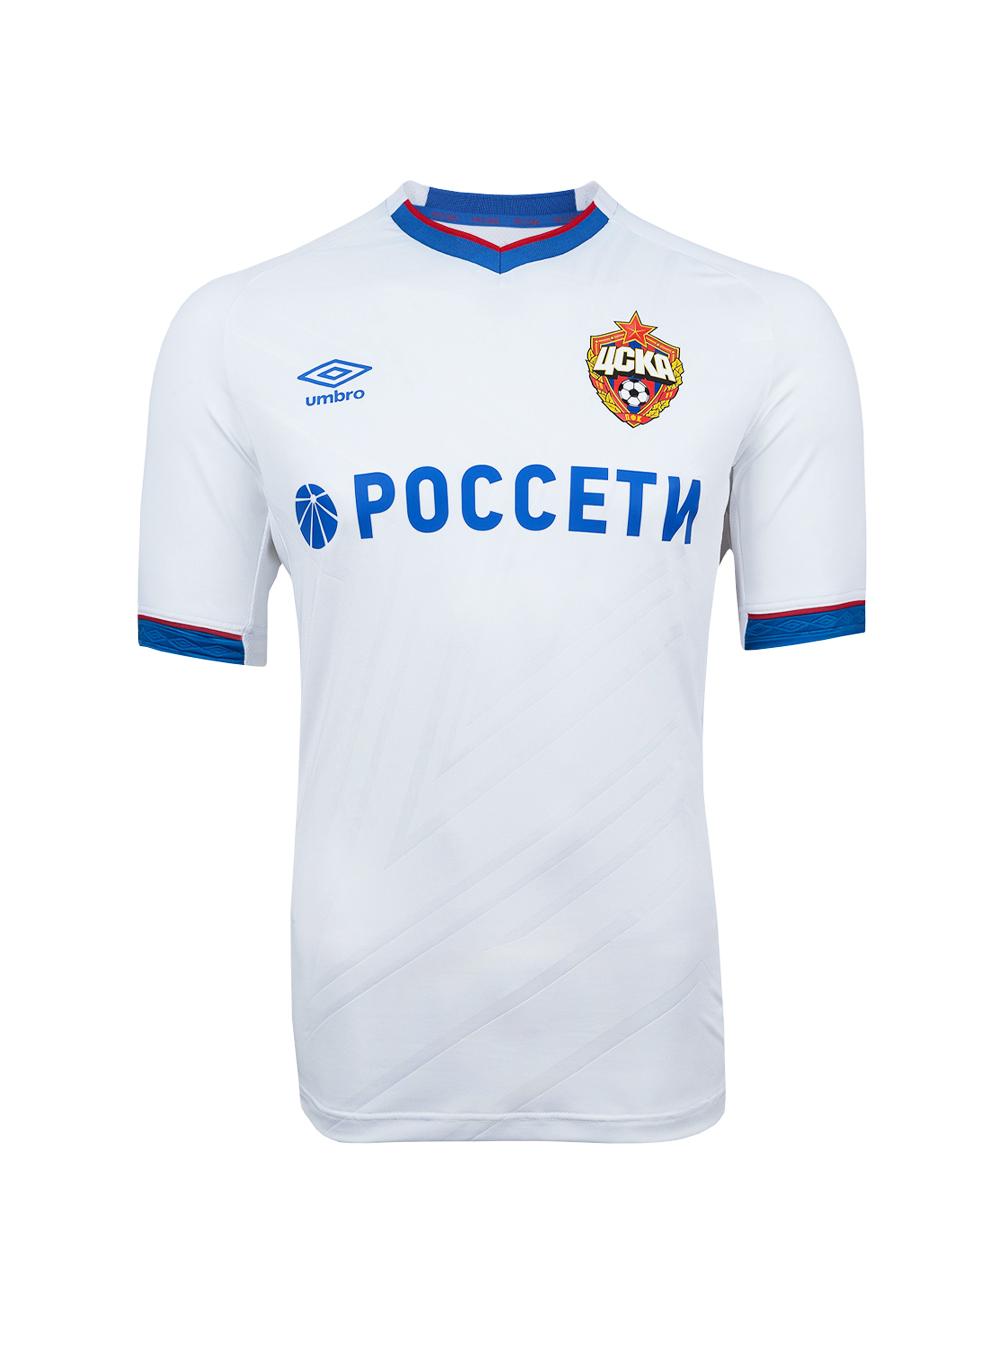 Купить Футболка игровая выездная 2019/2020 (XXL) по Нижнему Новгороду